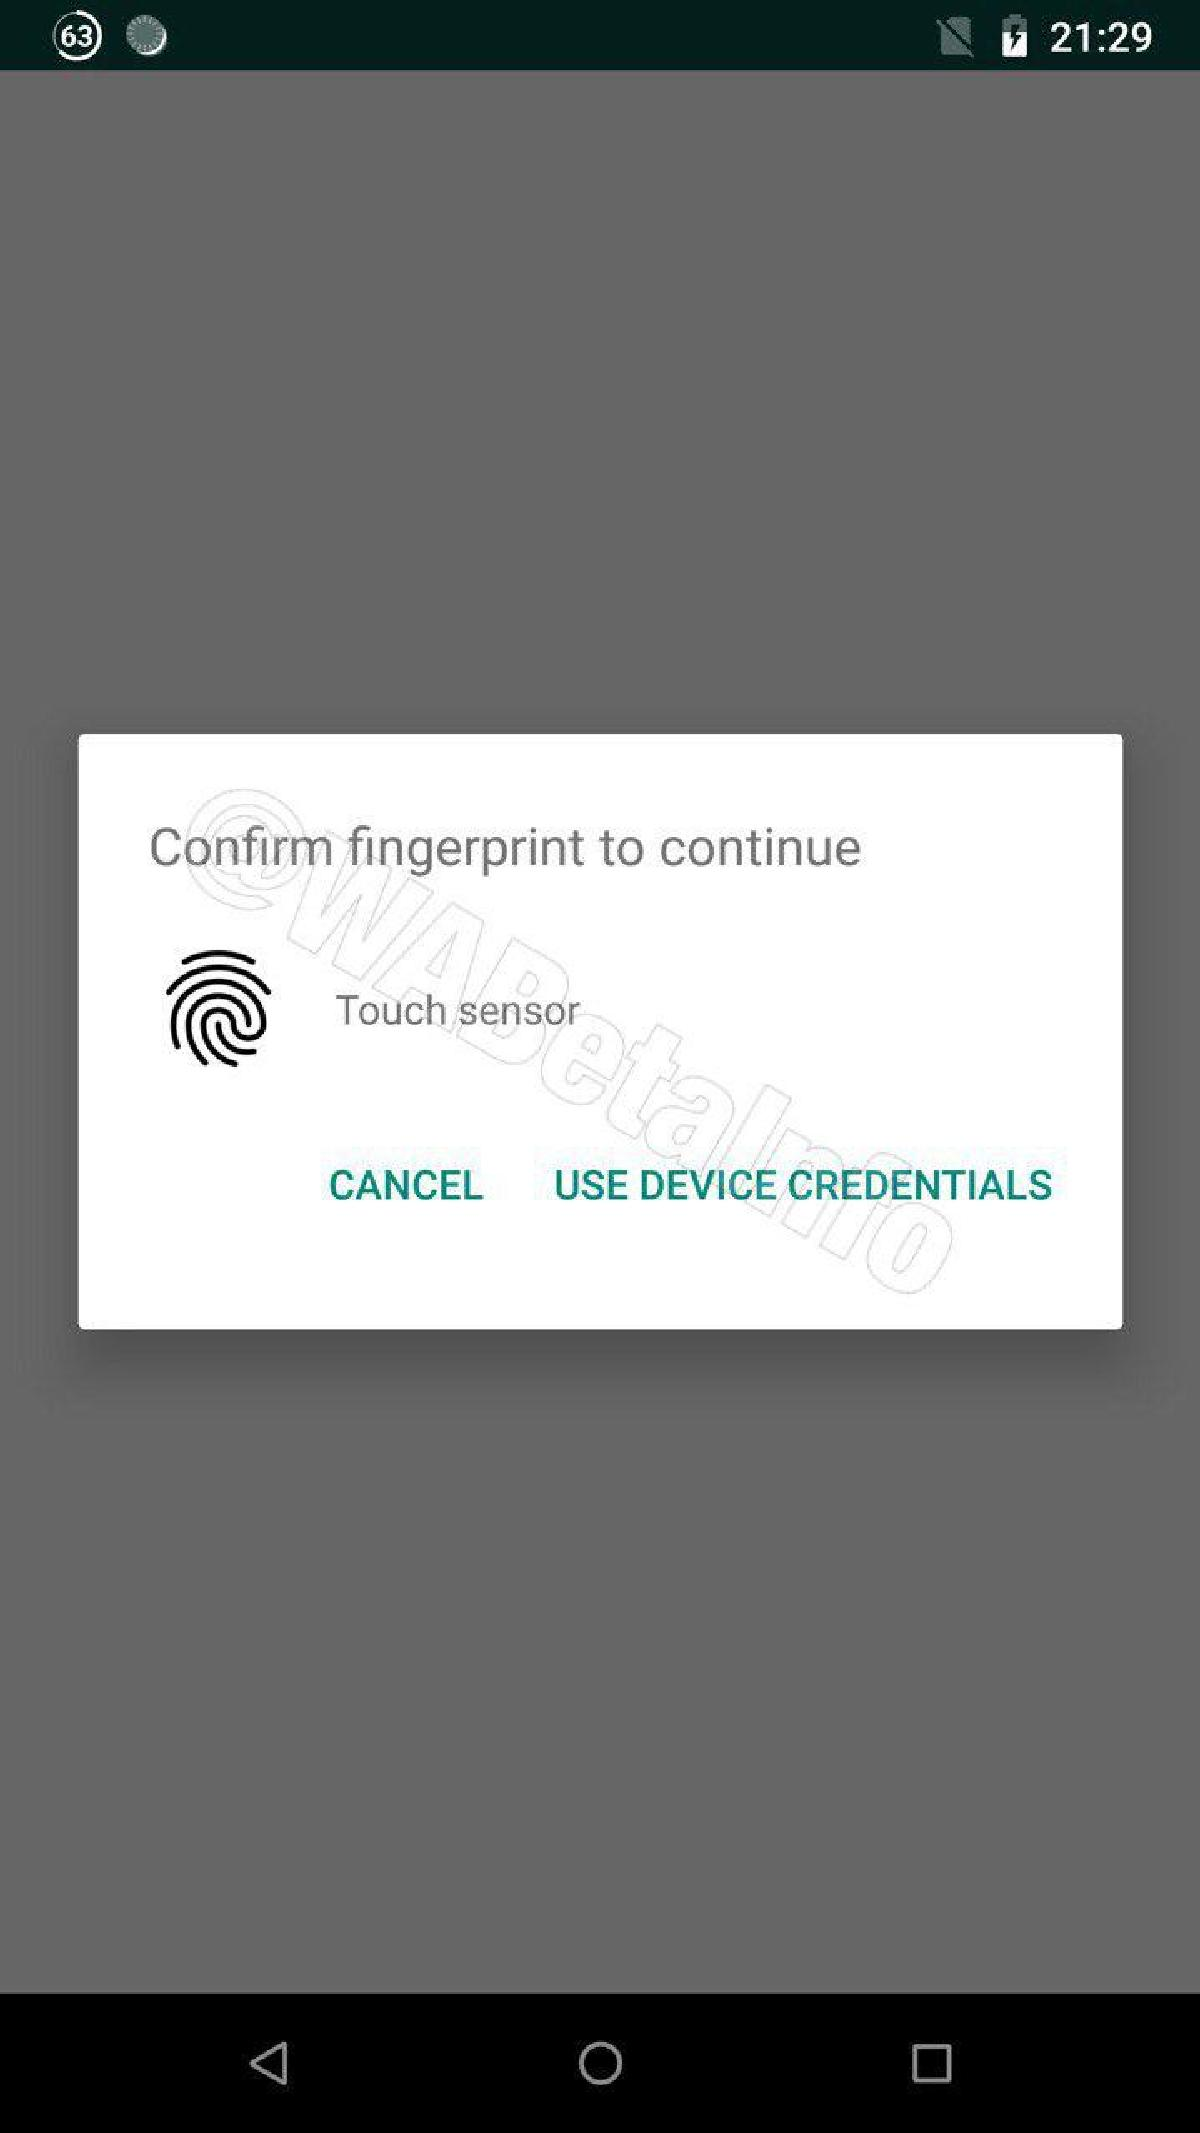 Просмотреть сообщения можно будет после подтверждения личности отпечатком пальца